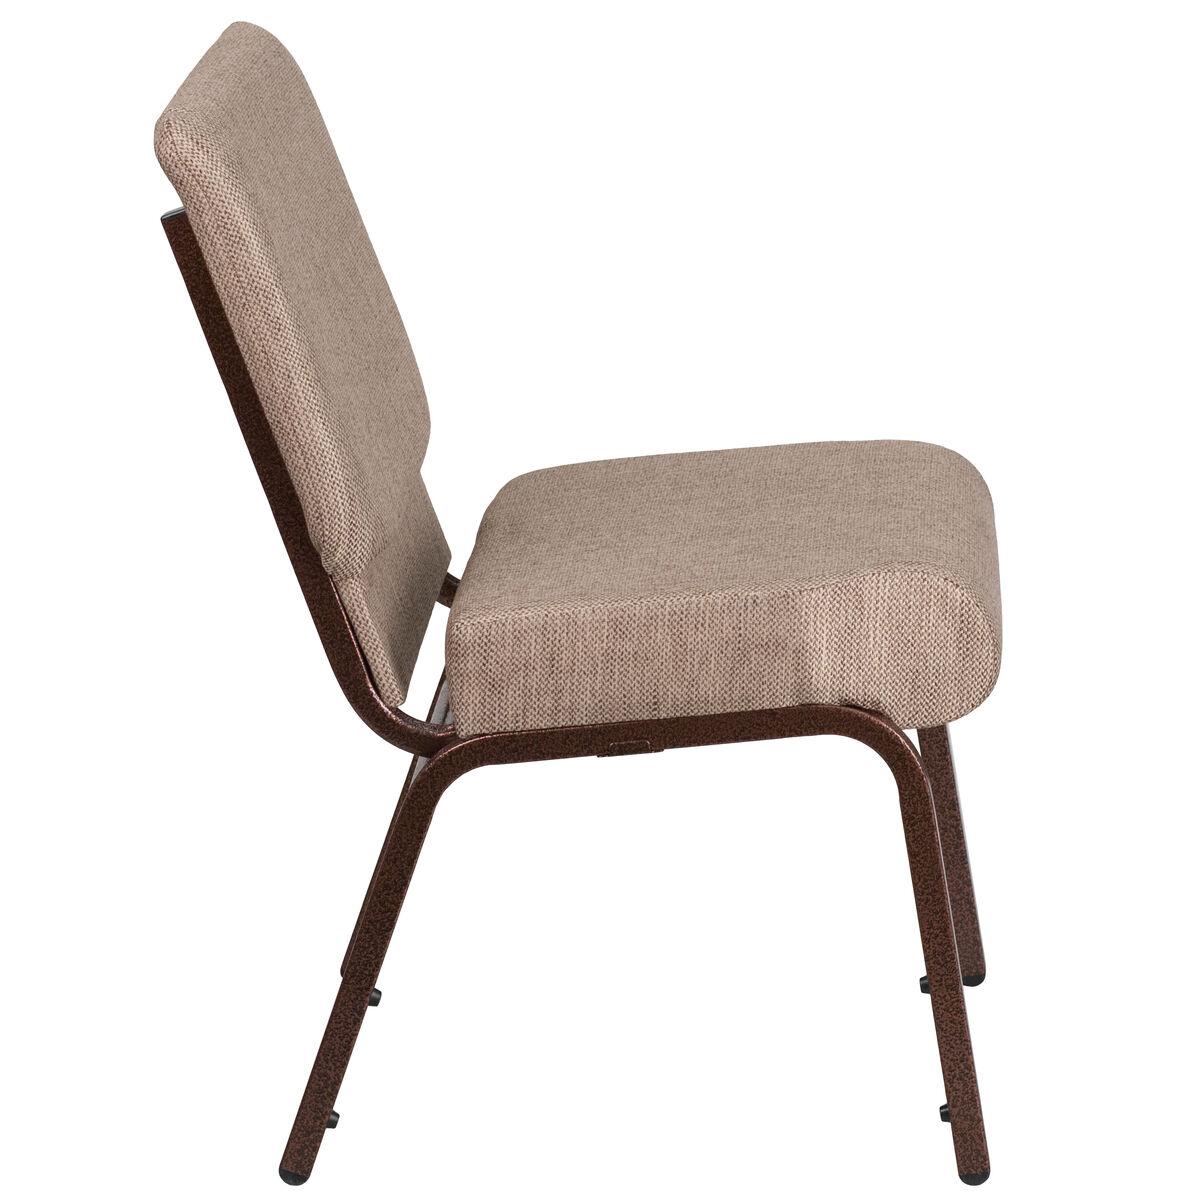 beige fabric church chair fd ch0221 4 cv bge1 gg churchchairs4less com